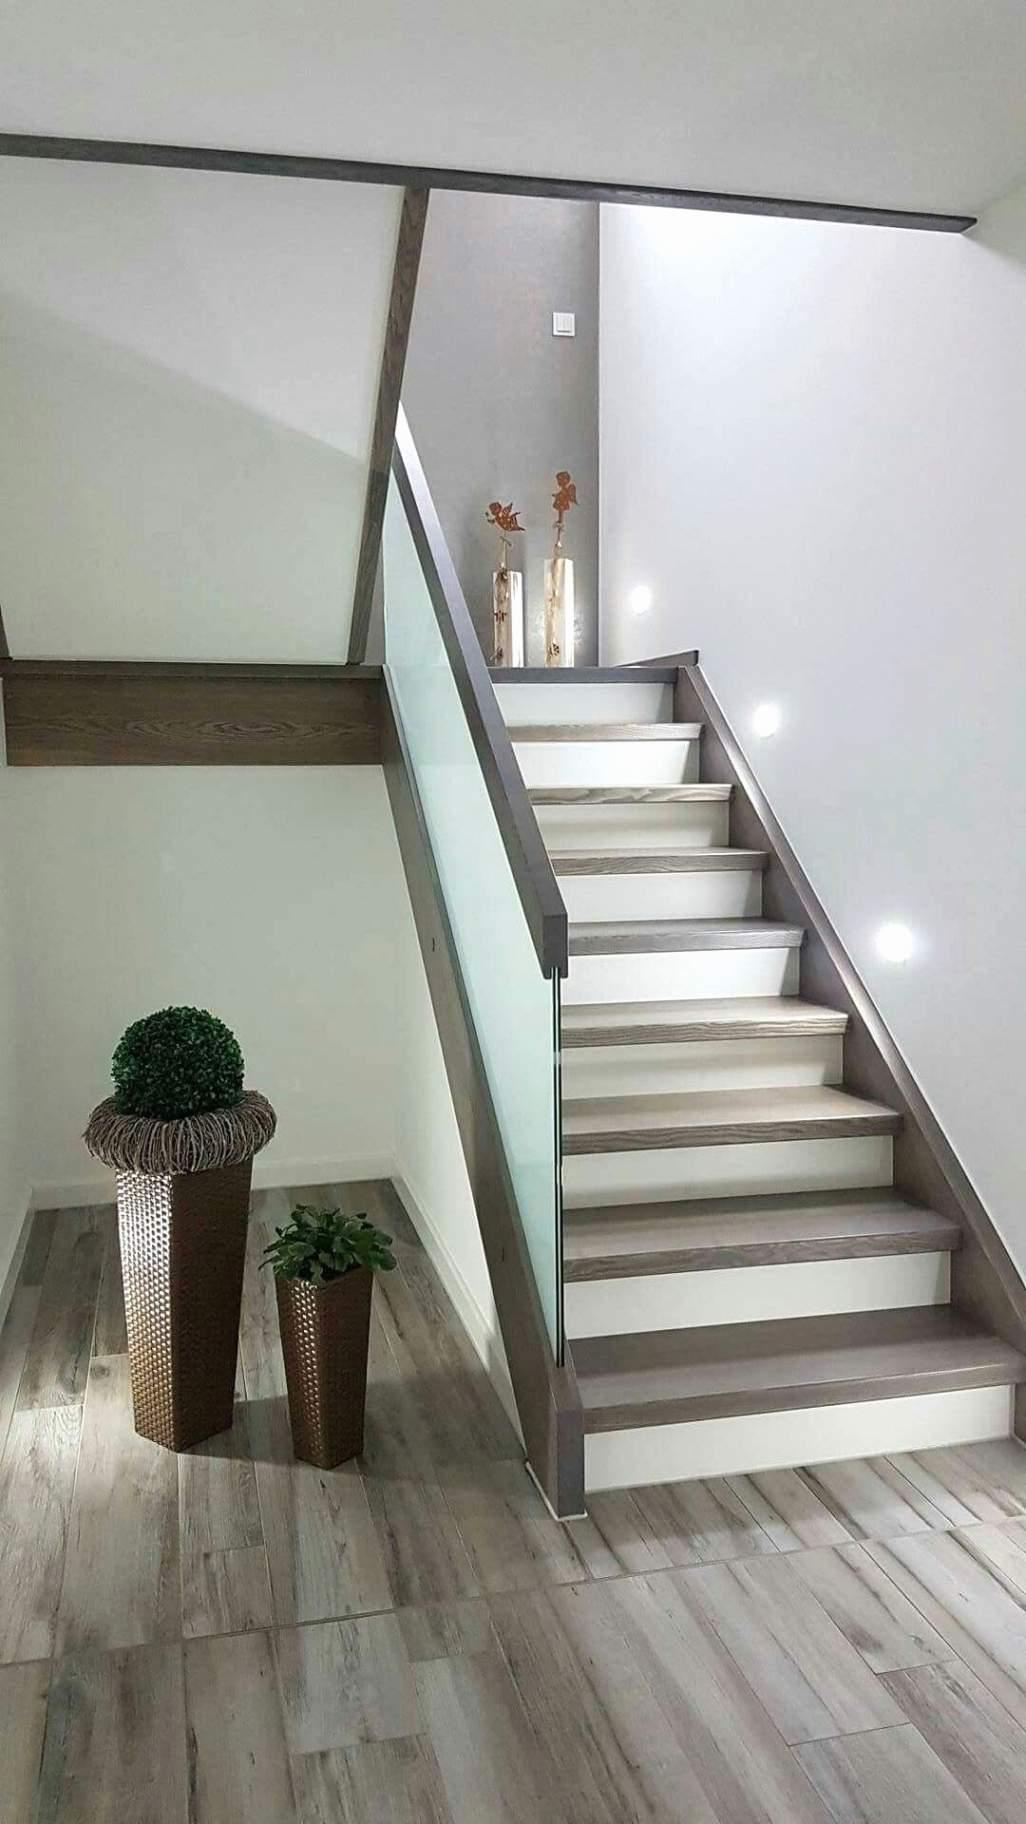 40 neu deko ideen unter treppe unter treppe ideen unter treppe ideen